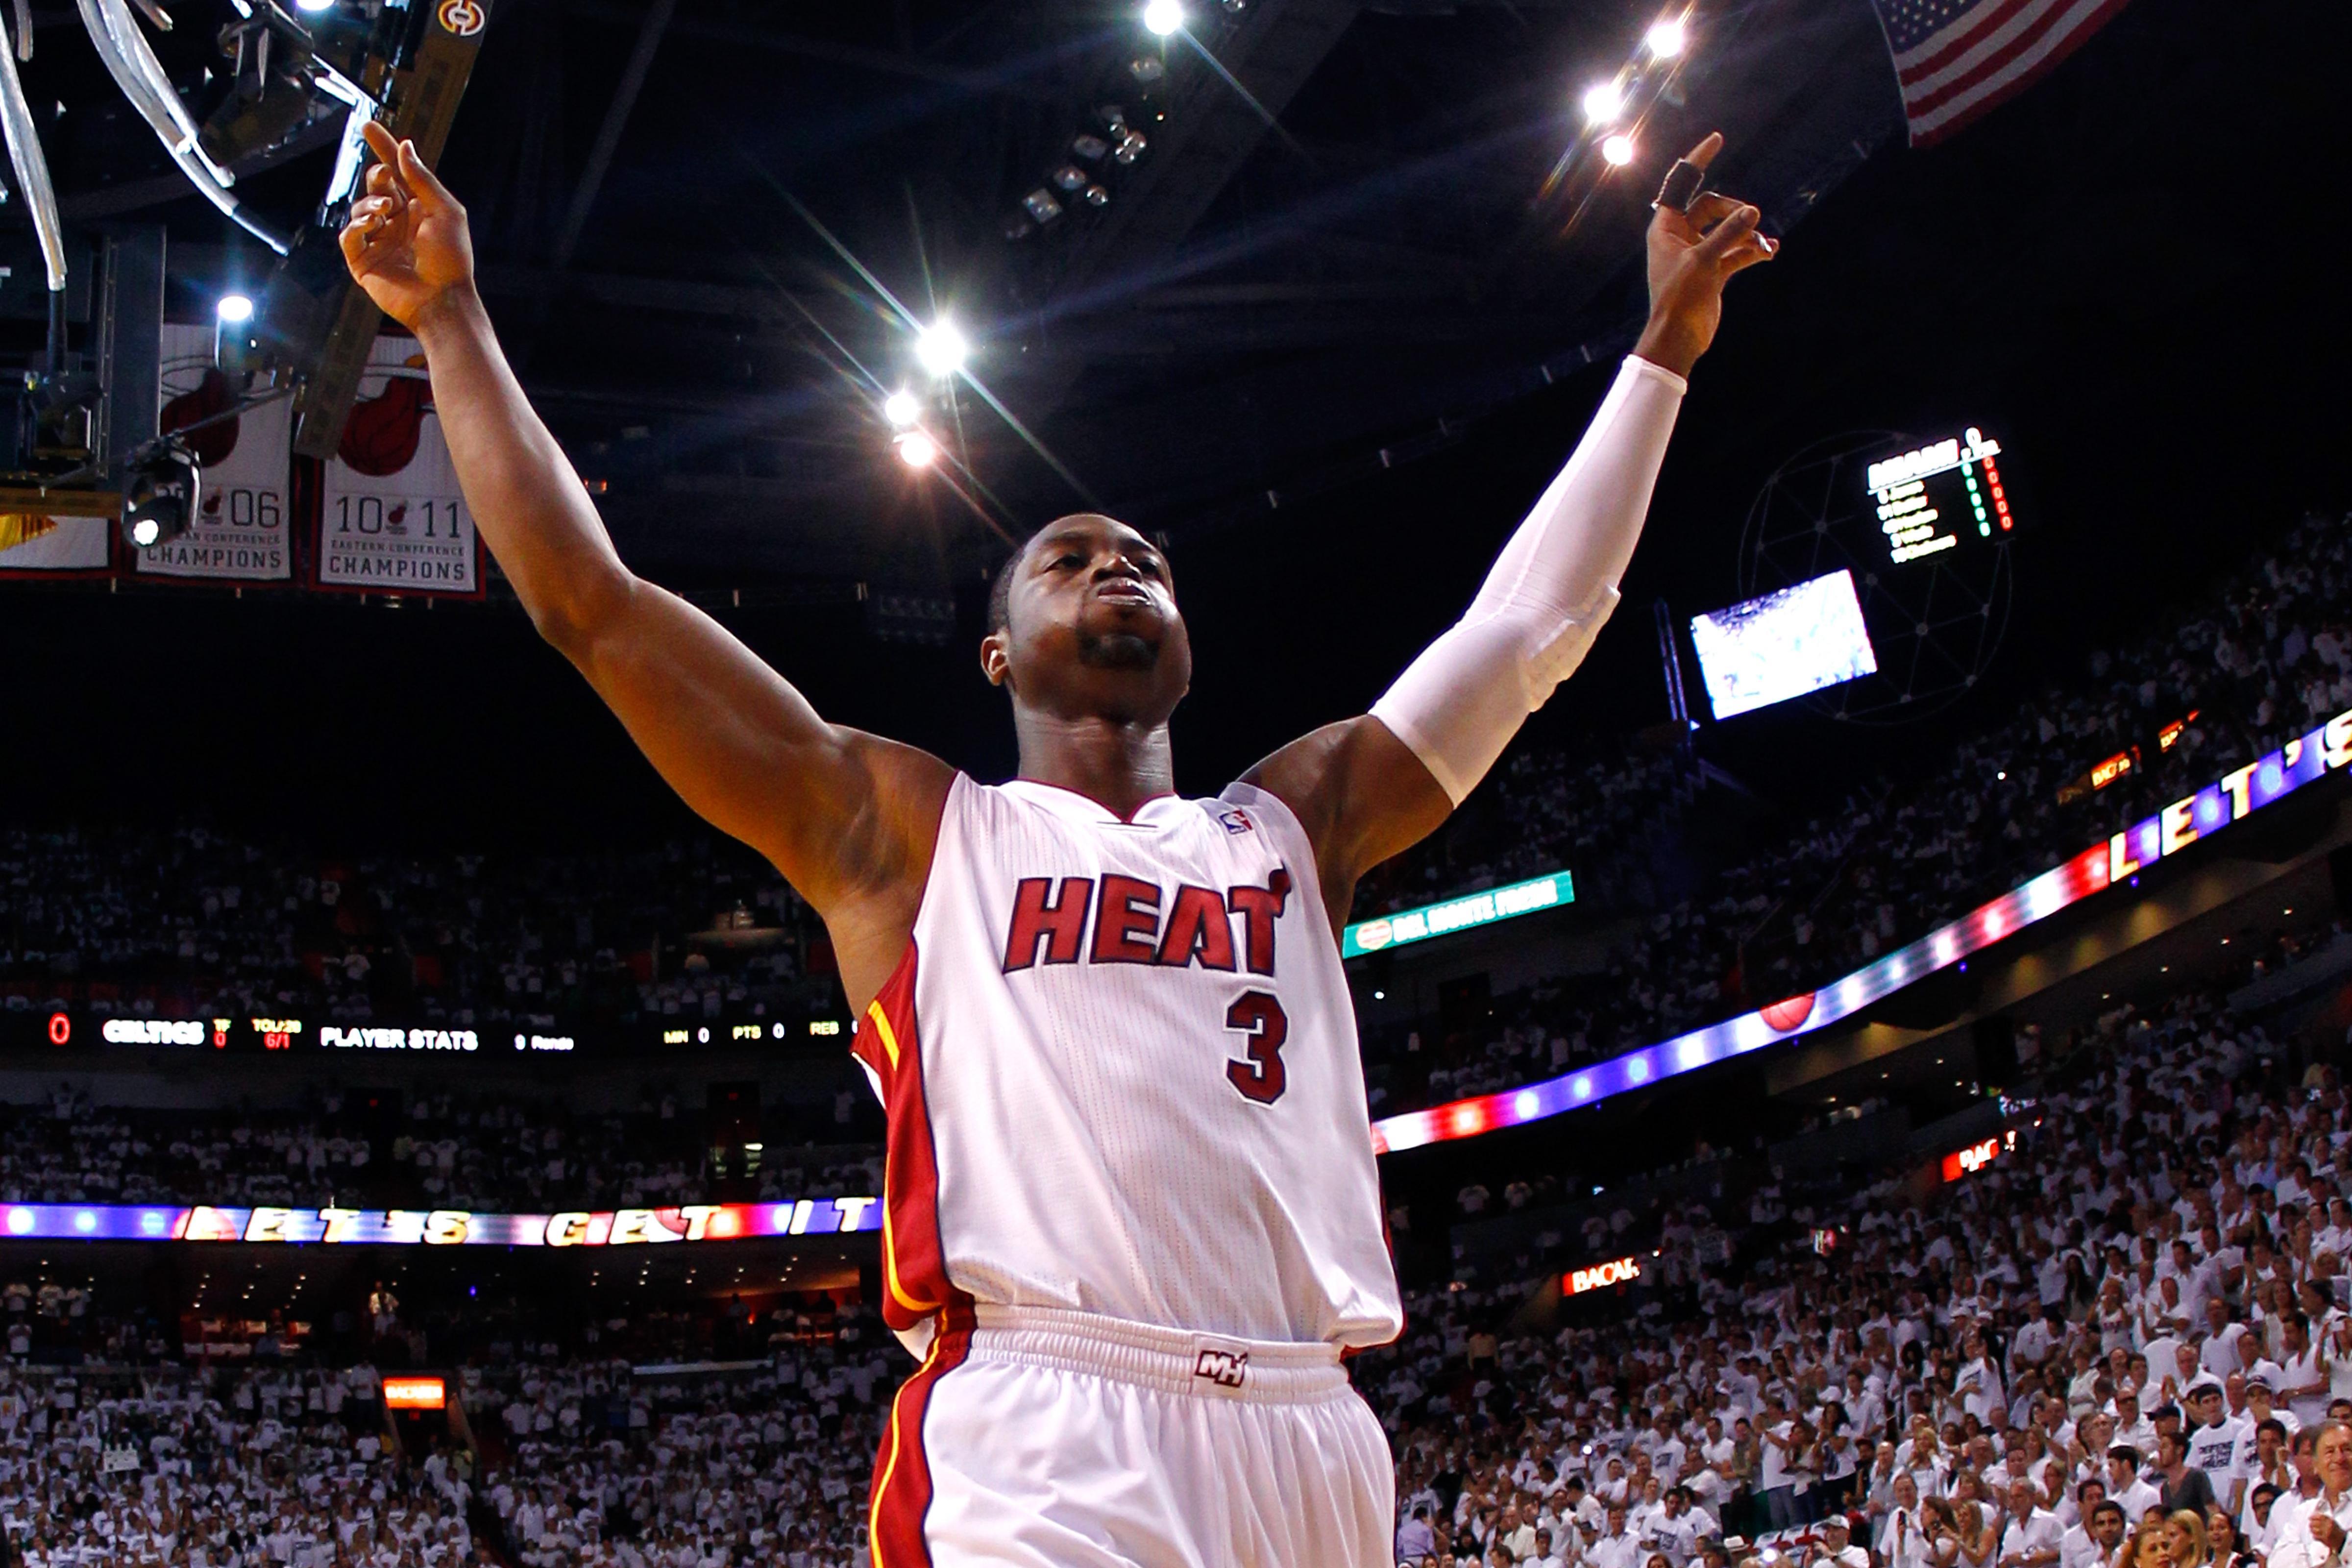 """Прощай """"Флэш""""   Самые значимые события в карьере Дуэйна Уэйда в НБА"""